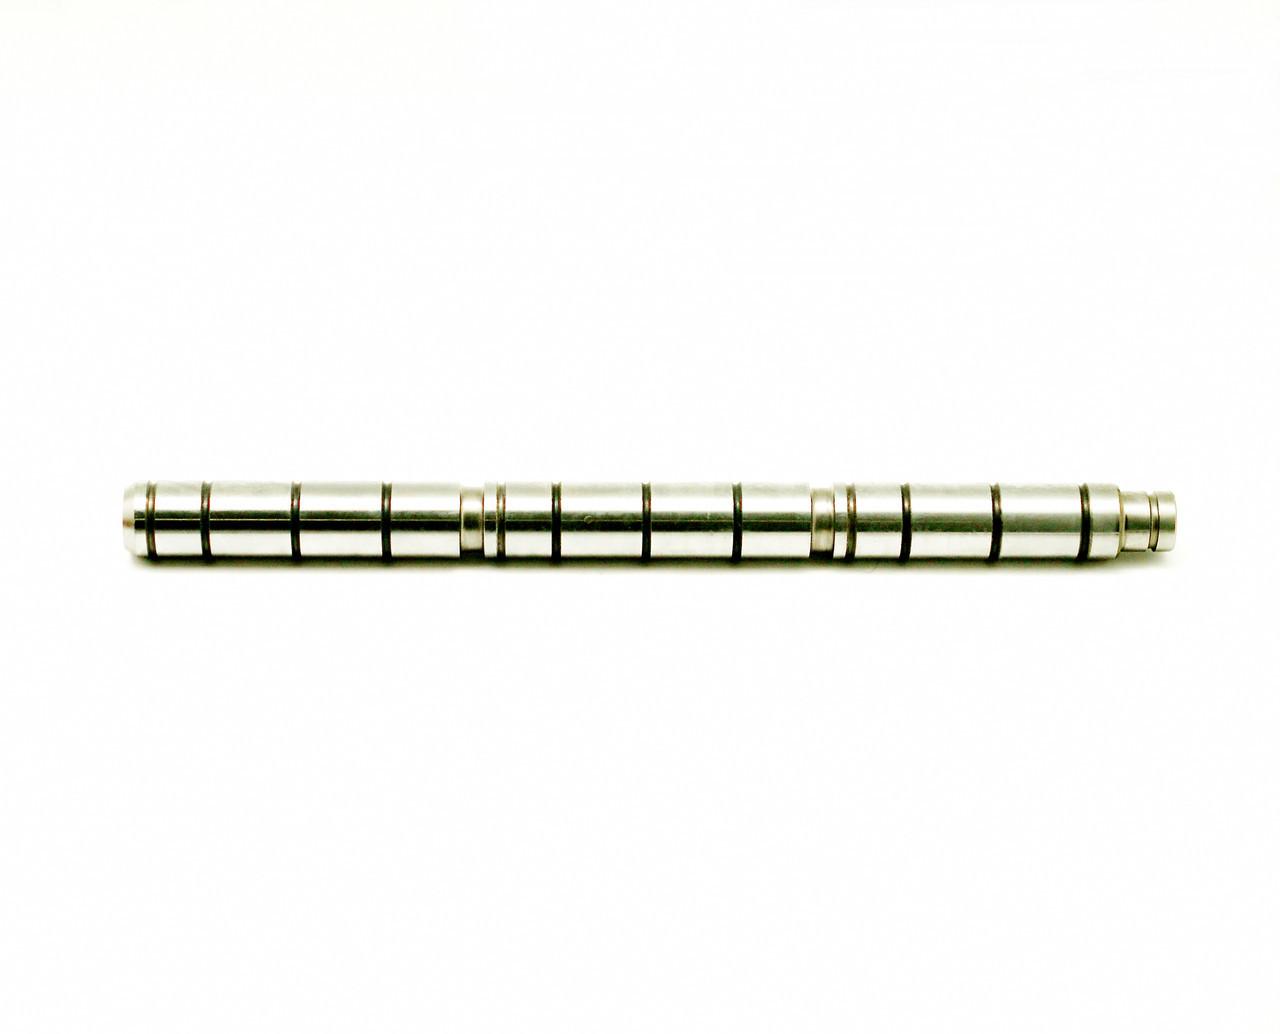 Штанга системы рычагов толкателей Cummins M Series 3417766 3417769 3895833 3895599 3028205